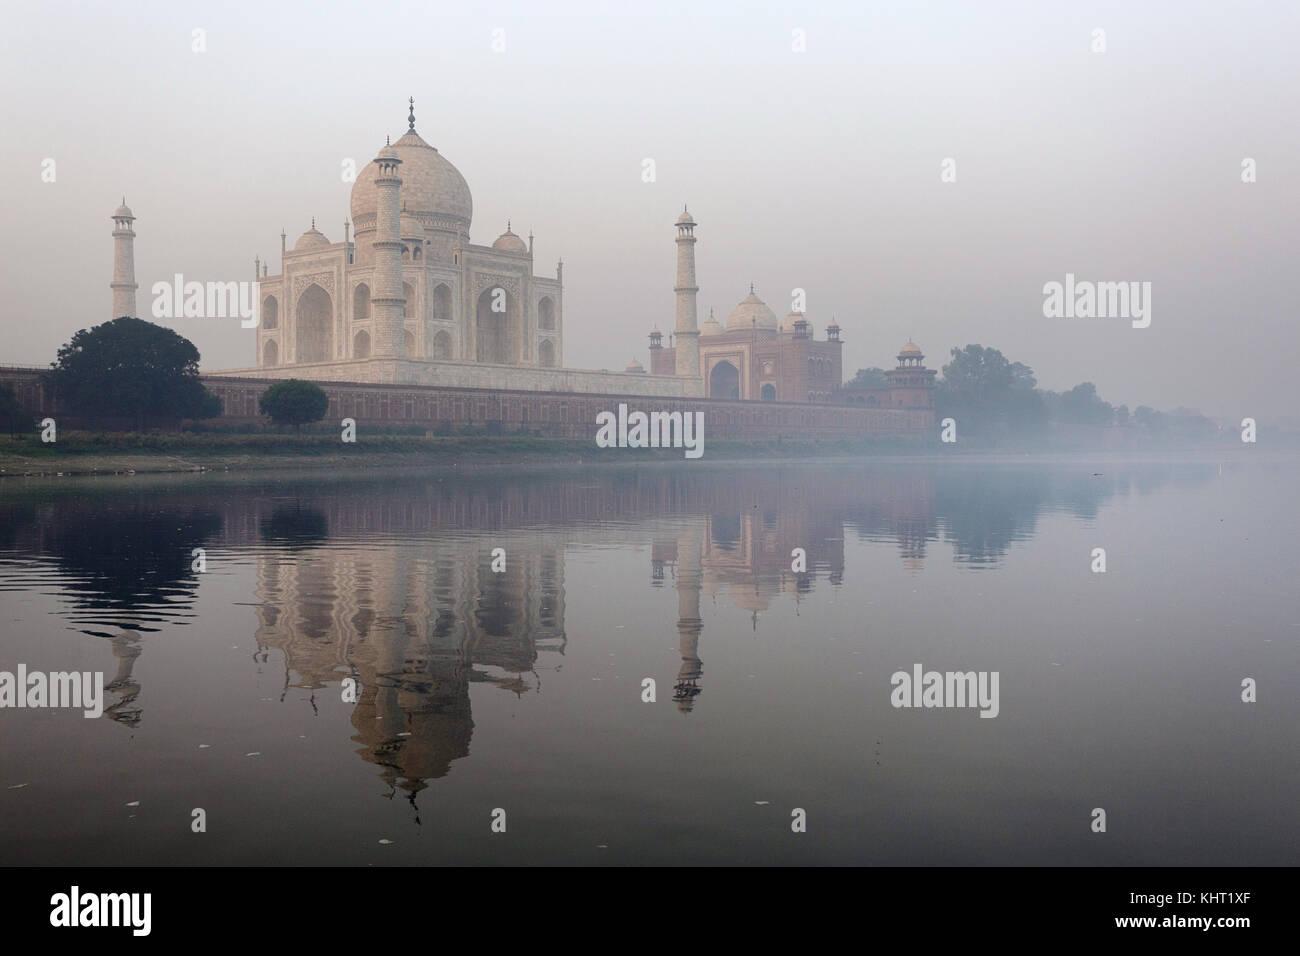 Morgen Reflexion der Taj Mahal in Yamuna-fluss, Weltkulturerbe der UNESCO, Agra, Uttar Pradesh, Indien, Asien. Stockbild